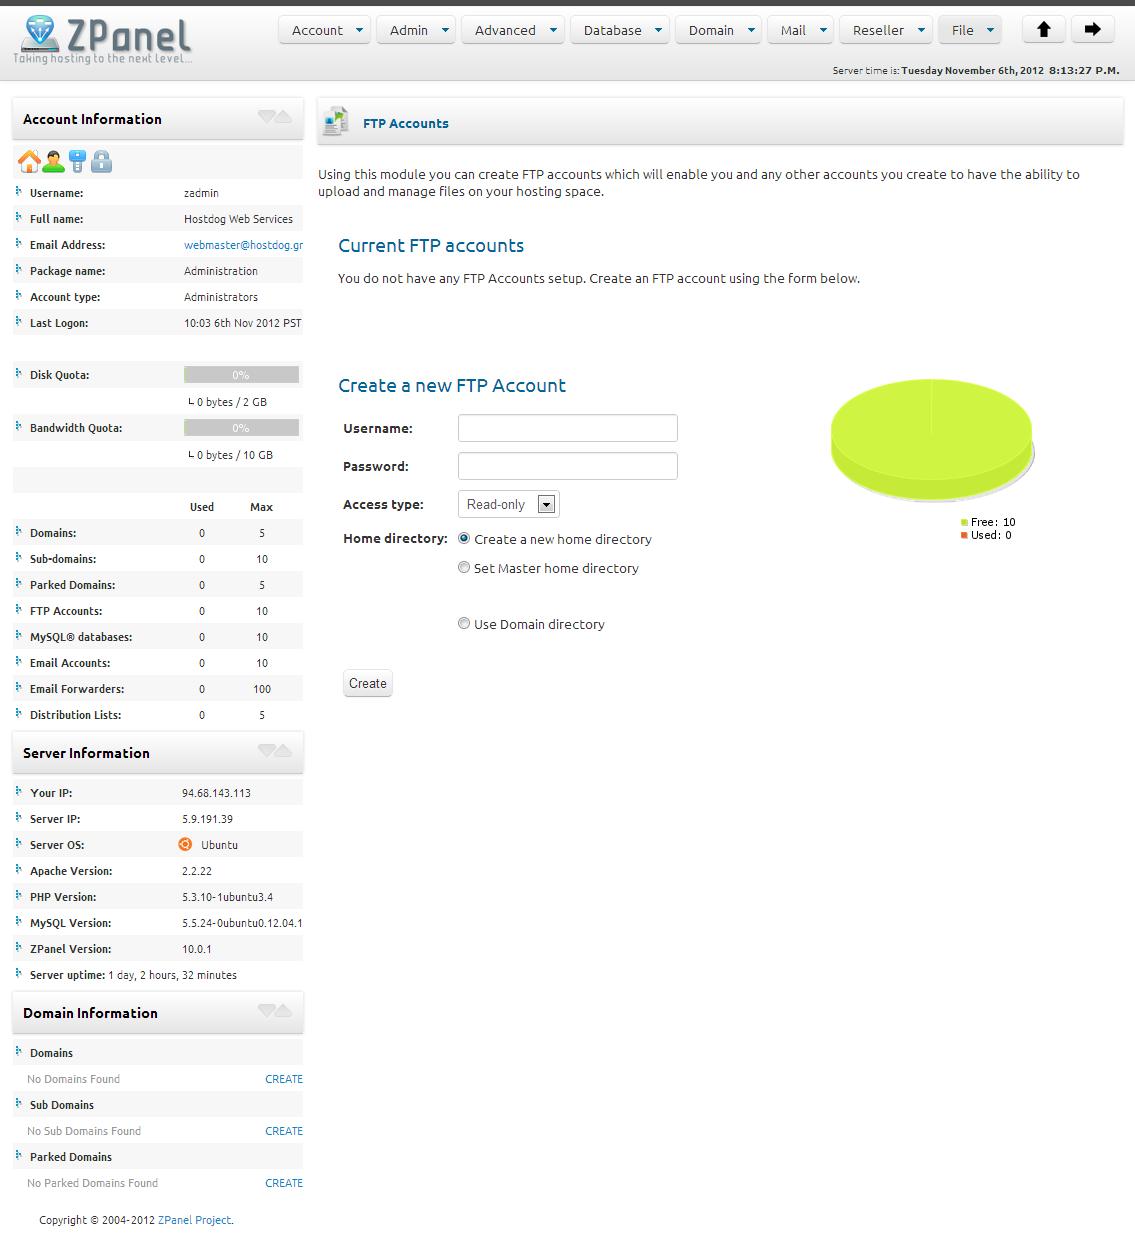 zpanel ftp accounts management